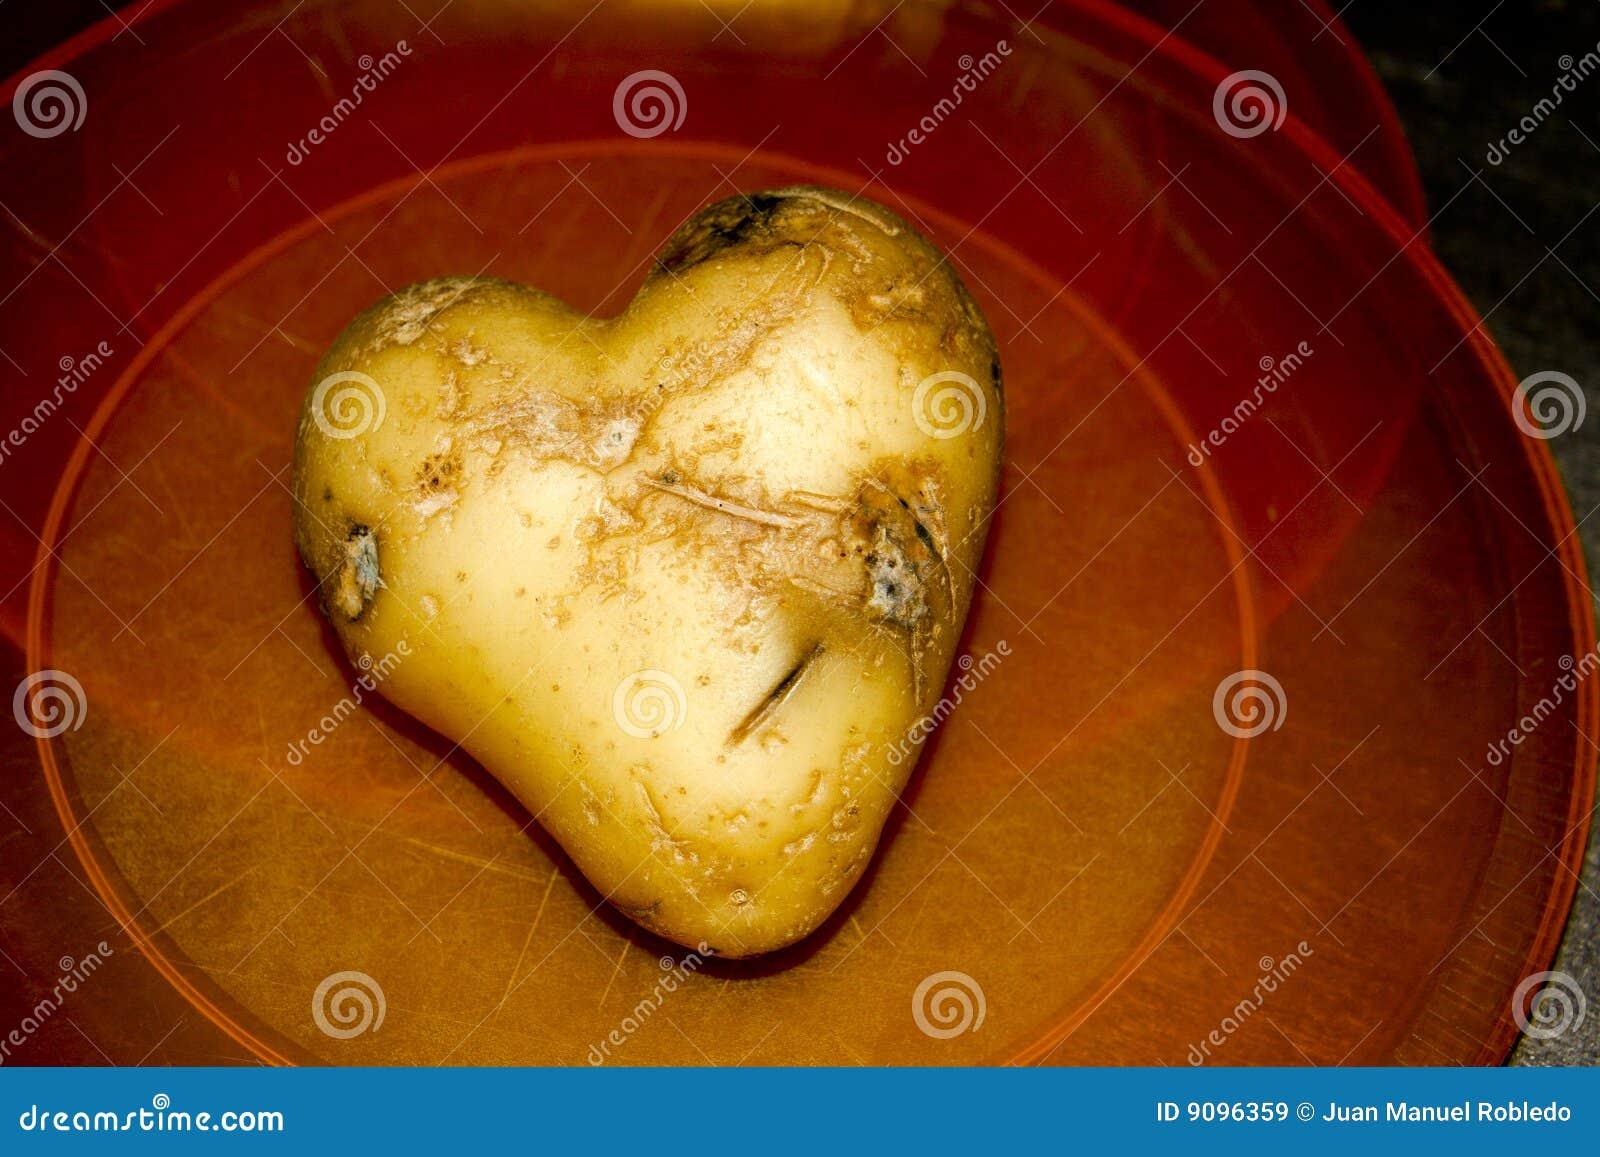 Eine heart-shaped Kartoffel